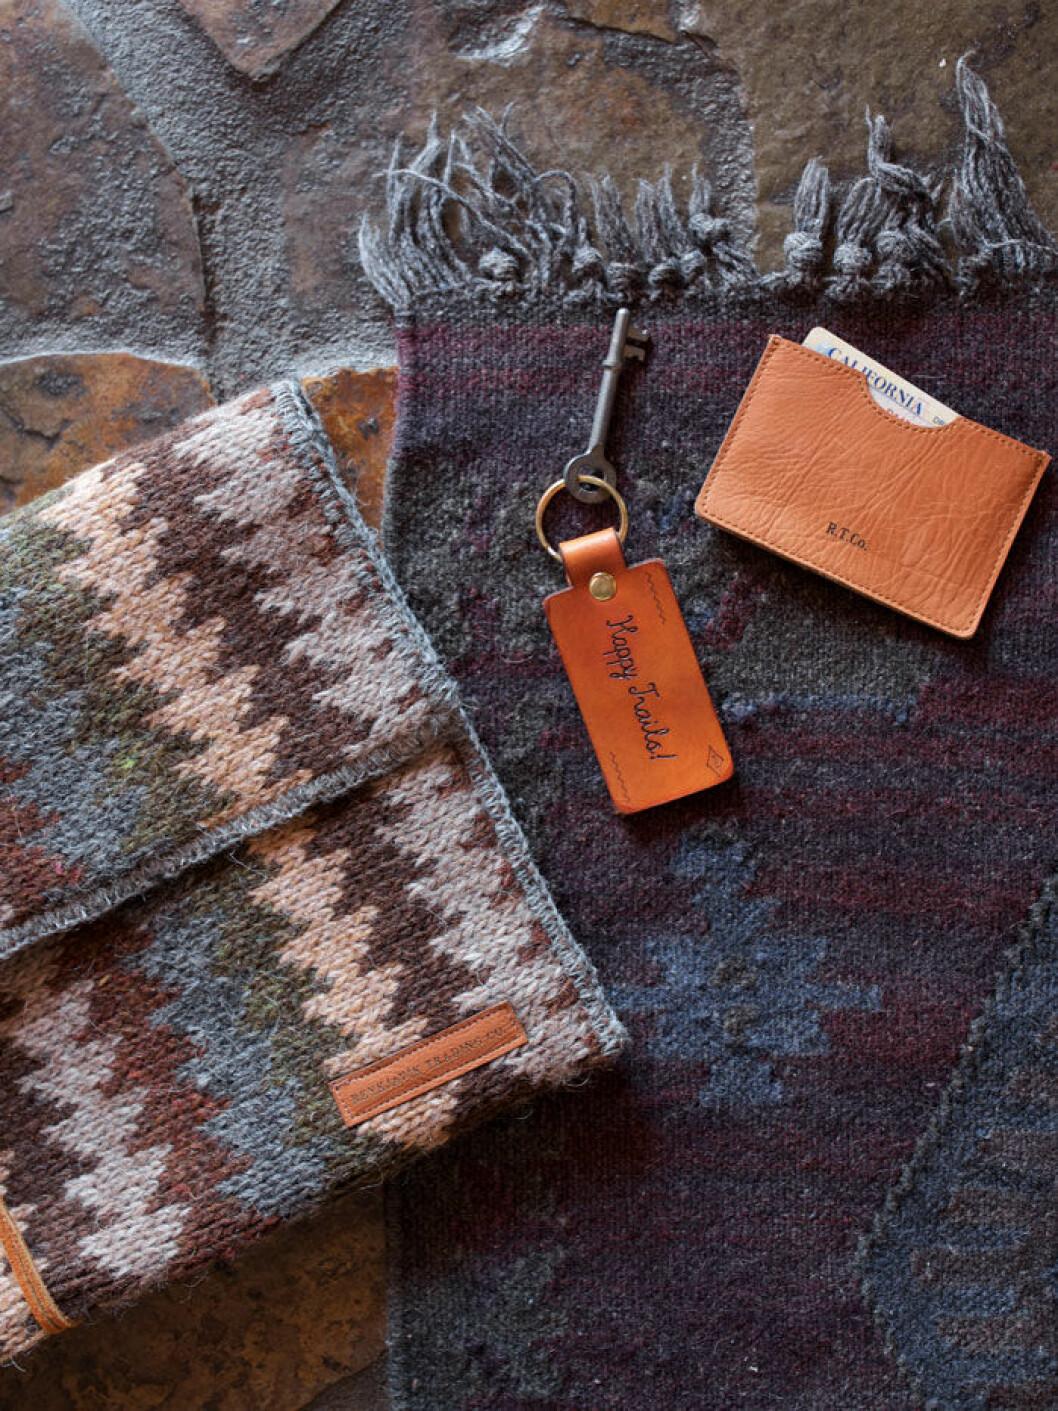 Förkläde, ipadfodral och mindre accessoarer för Reykjavík Trading Co.